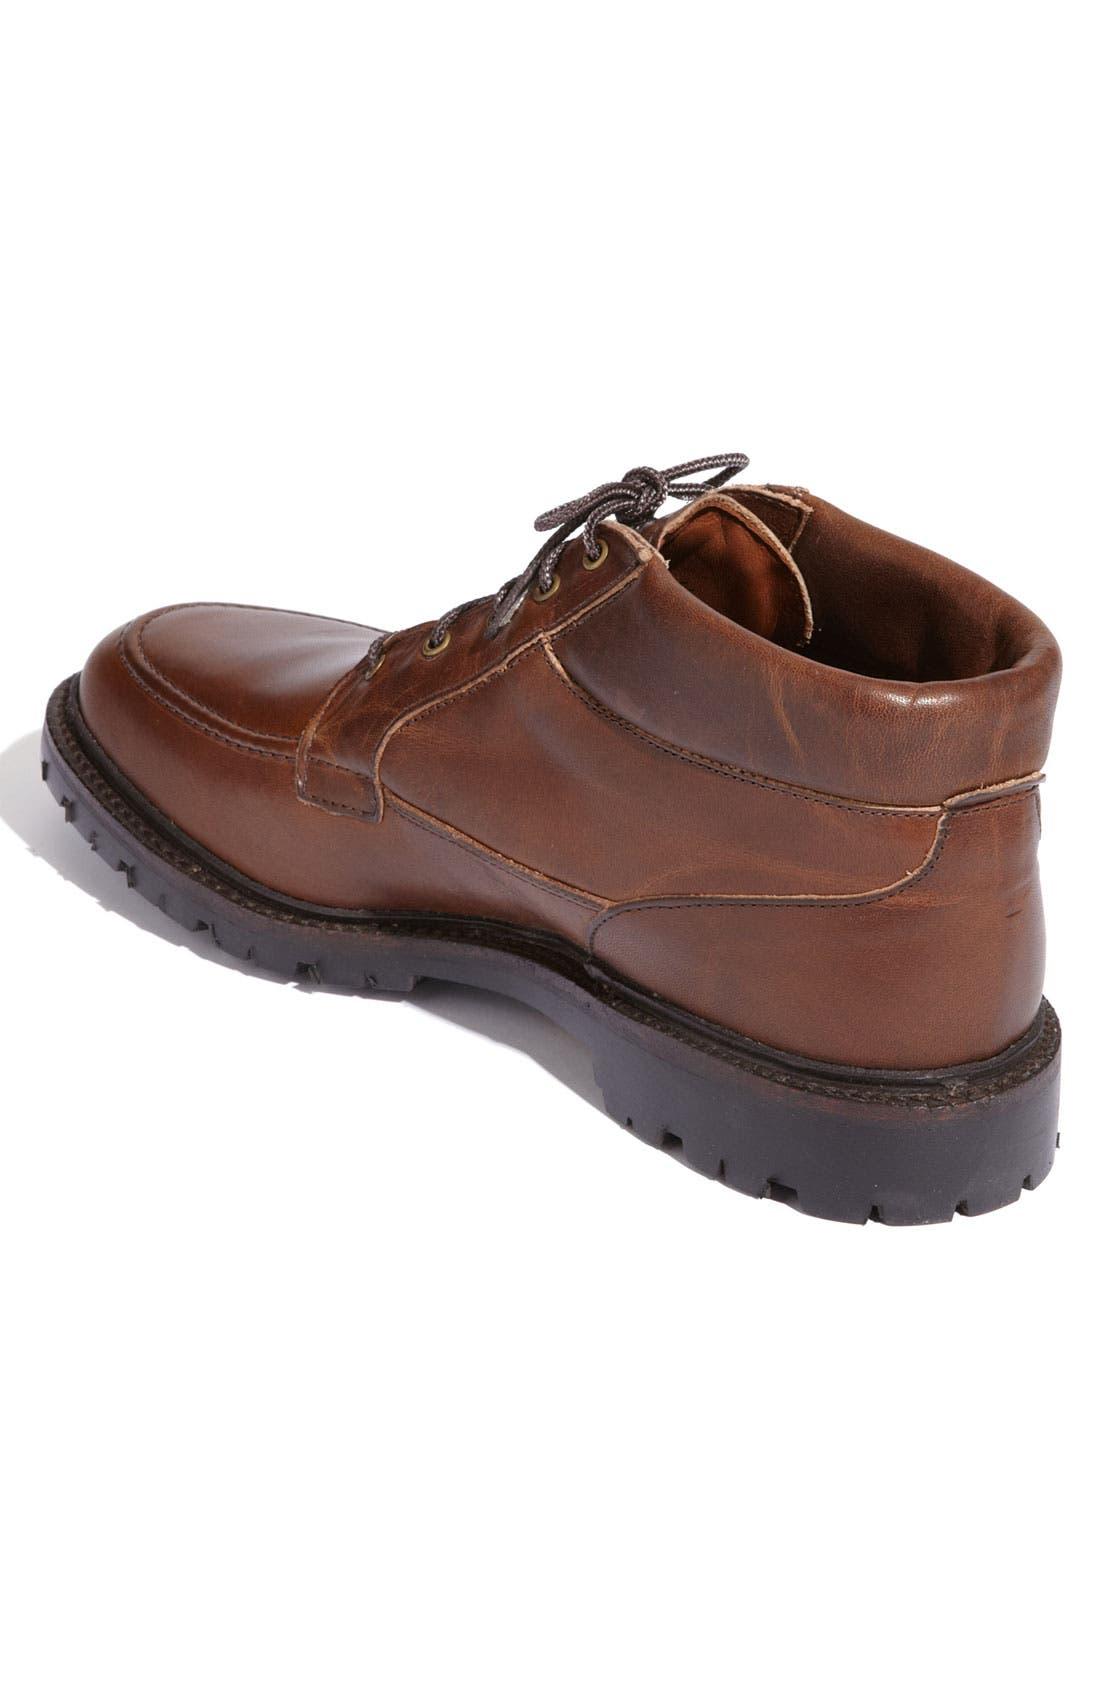 Alternate Image 2  - Allen Edmonds 'Cascade' Boot